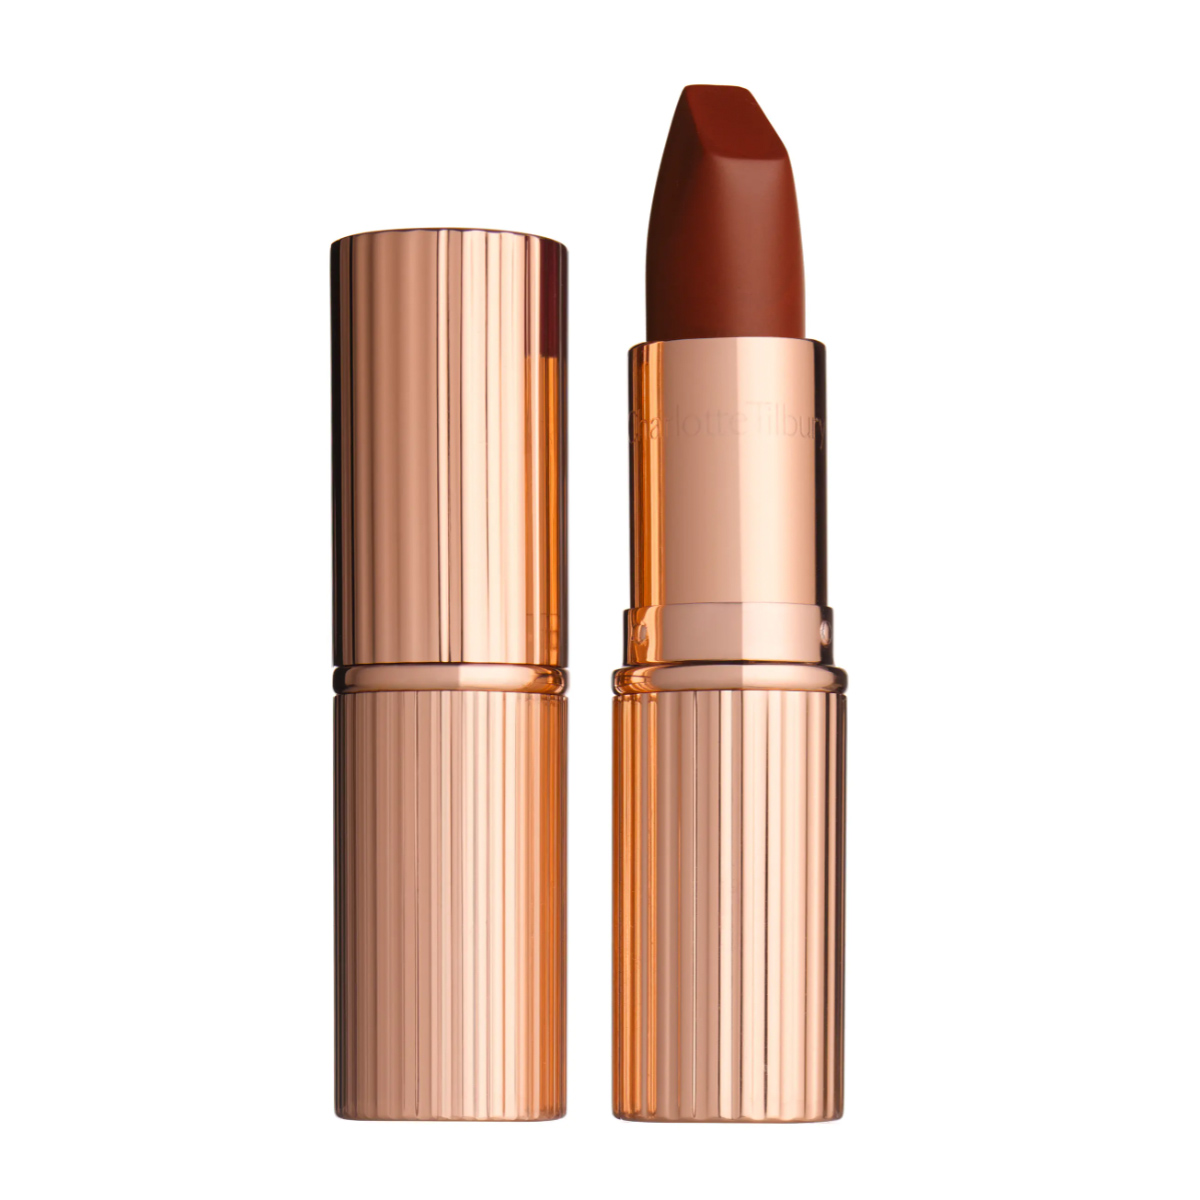 '90s makeup trend beauty trends brown lipstick